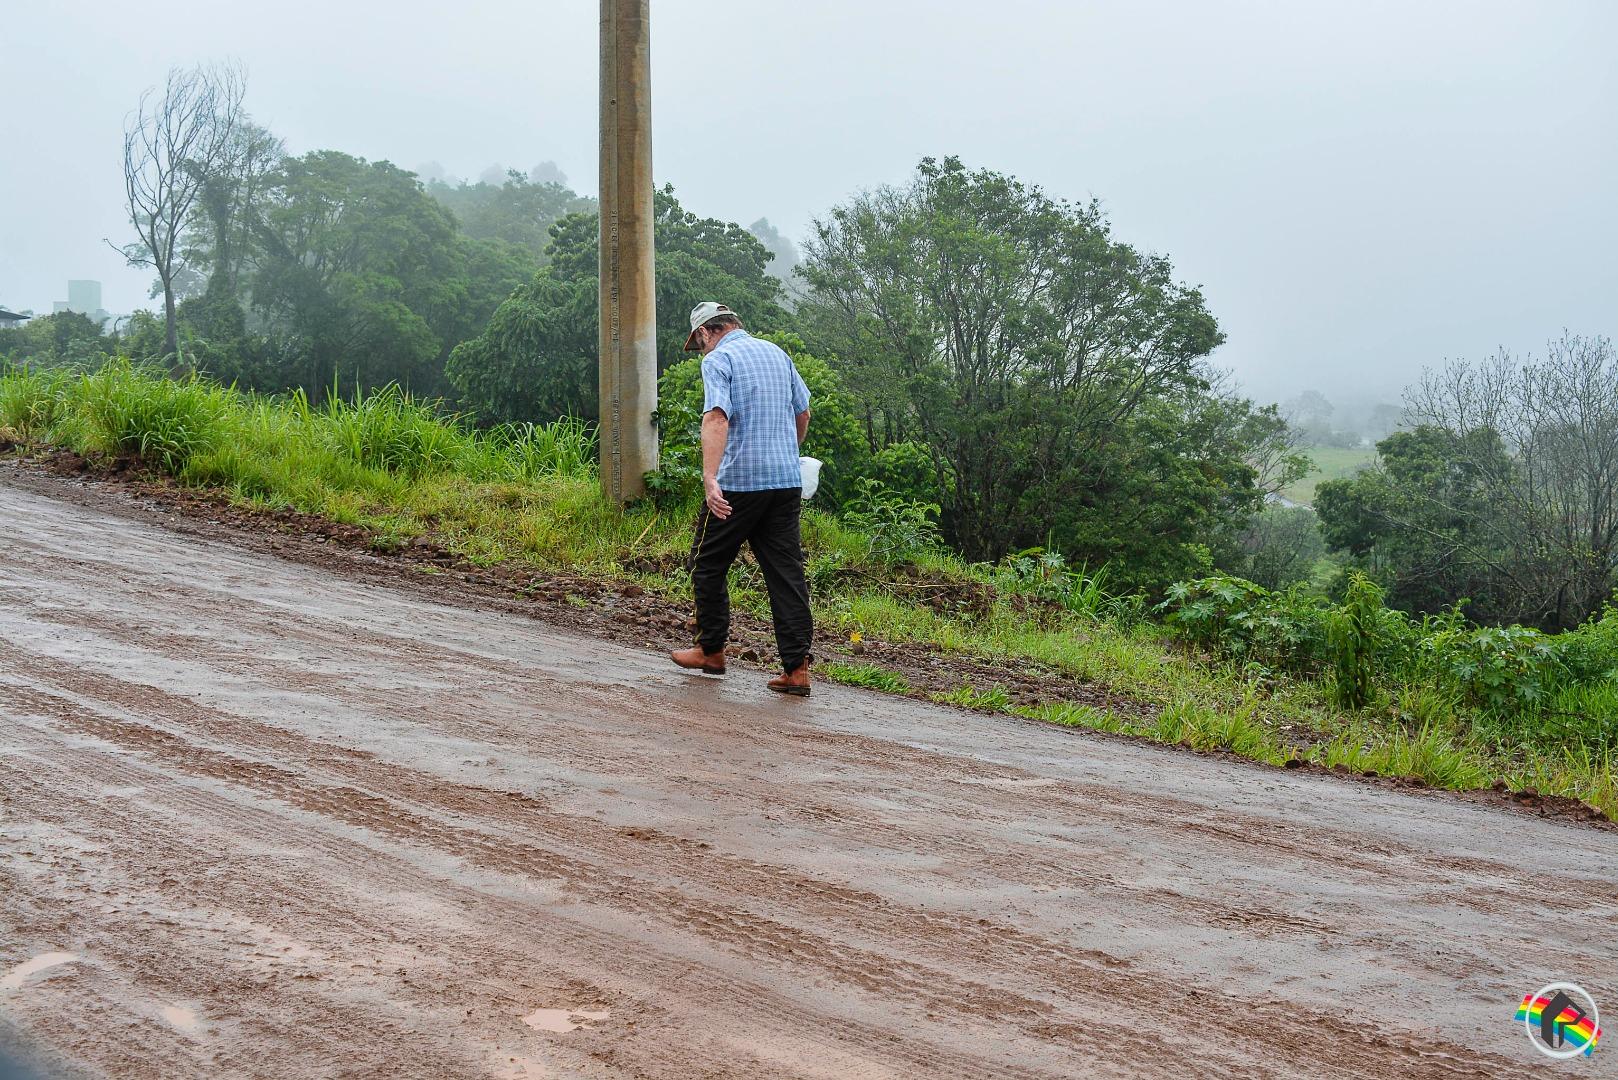 Região registra mais de 100 mm de chuva nos últimos dias